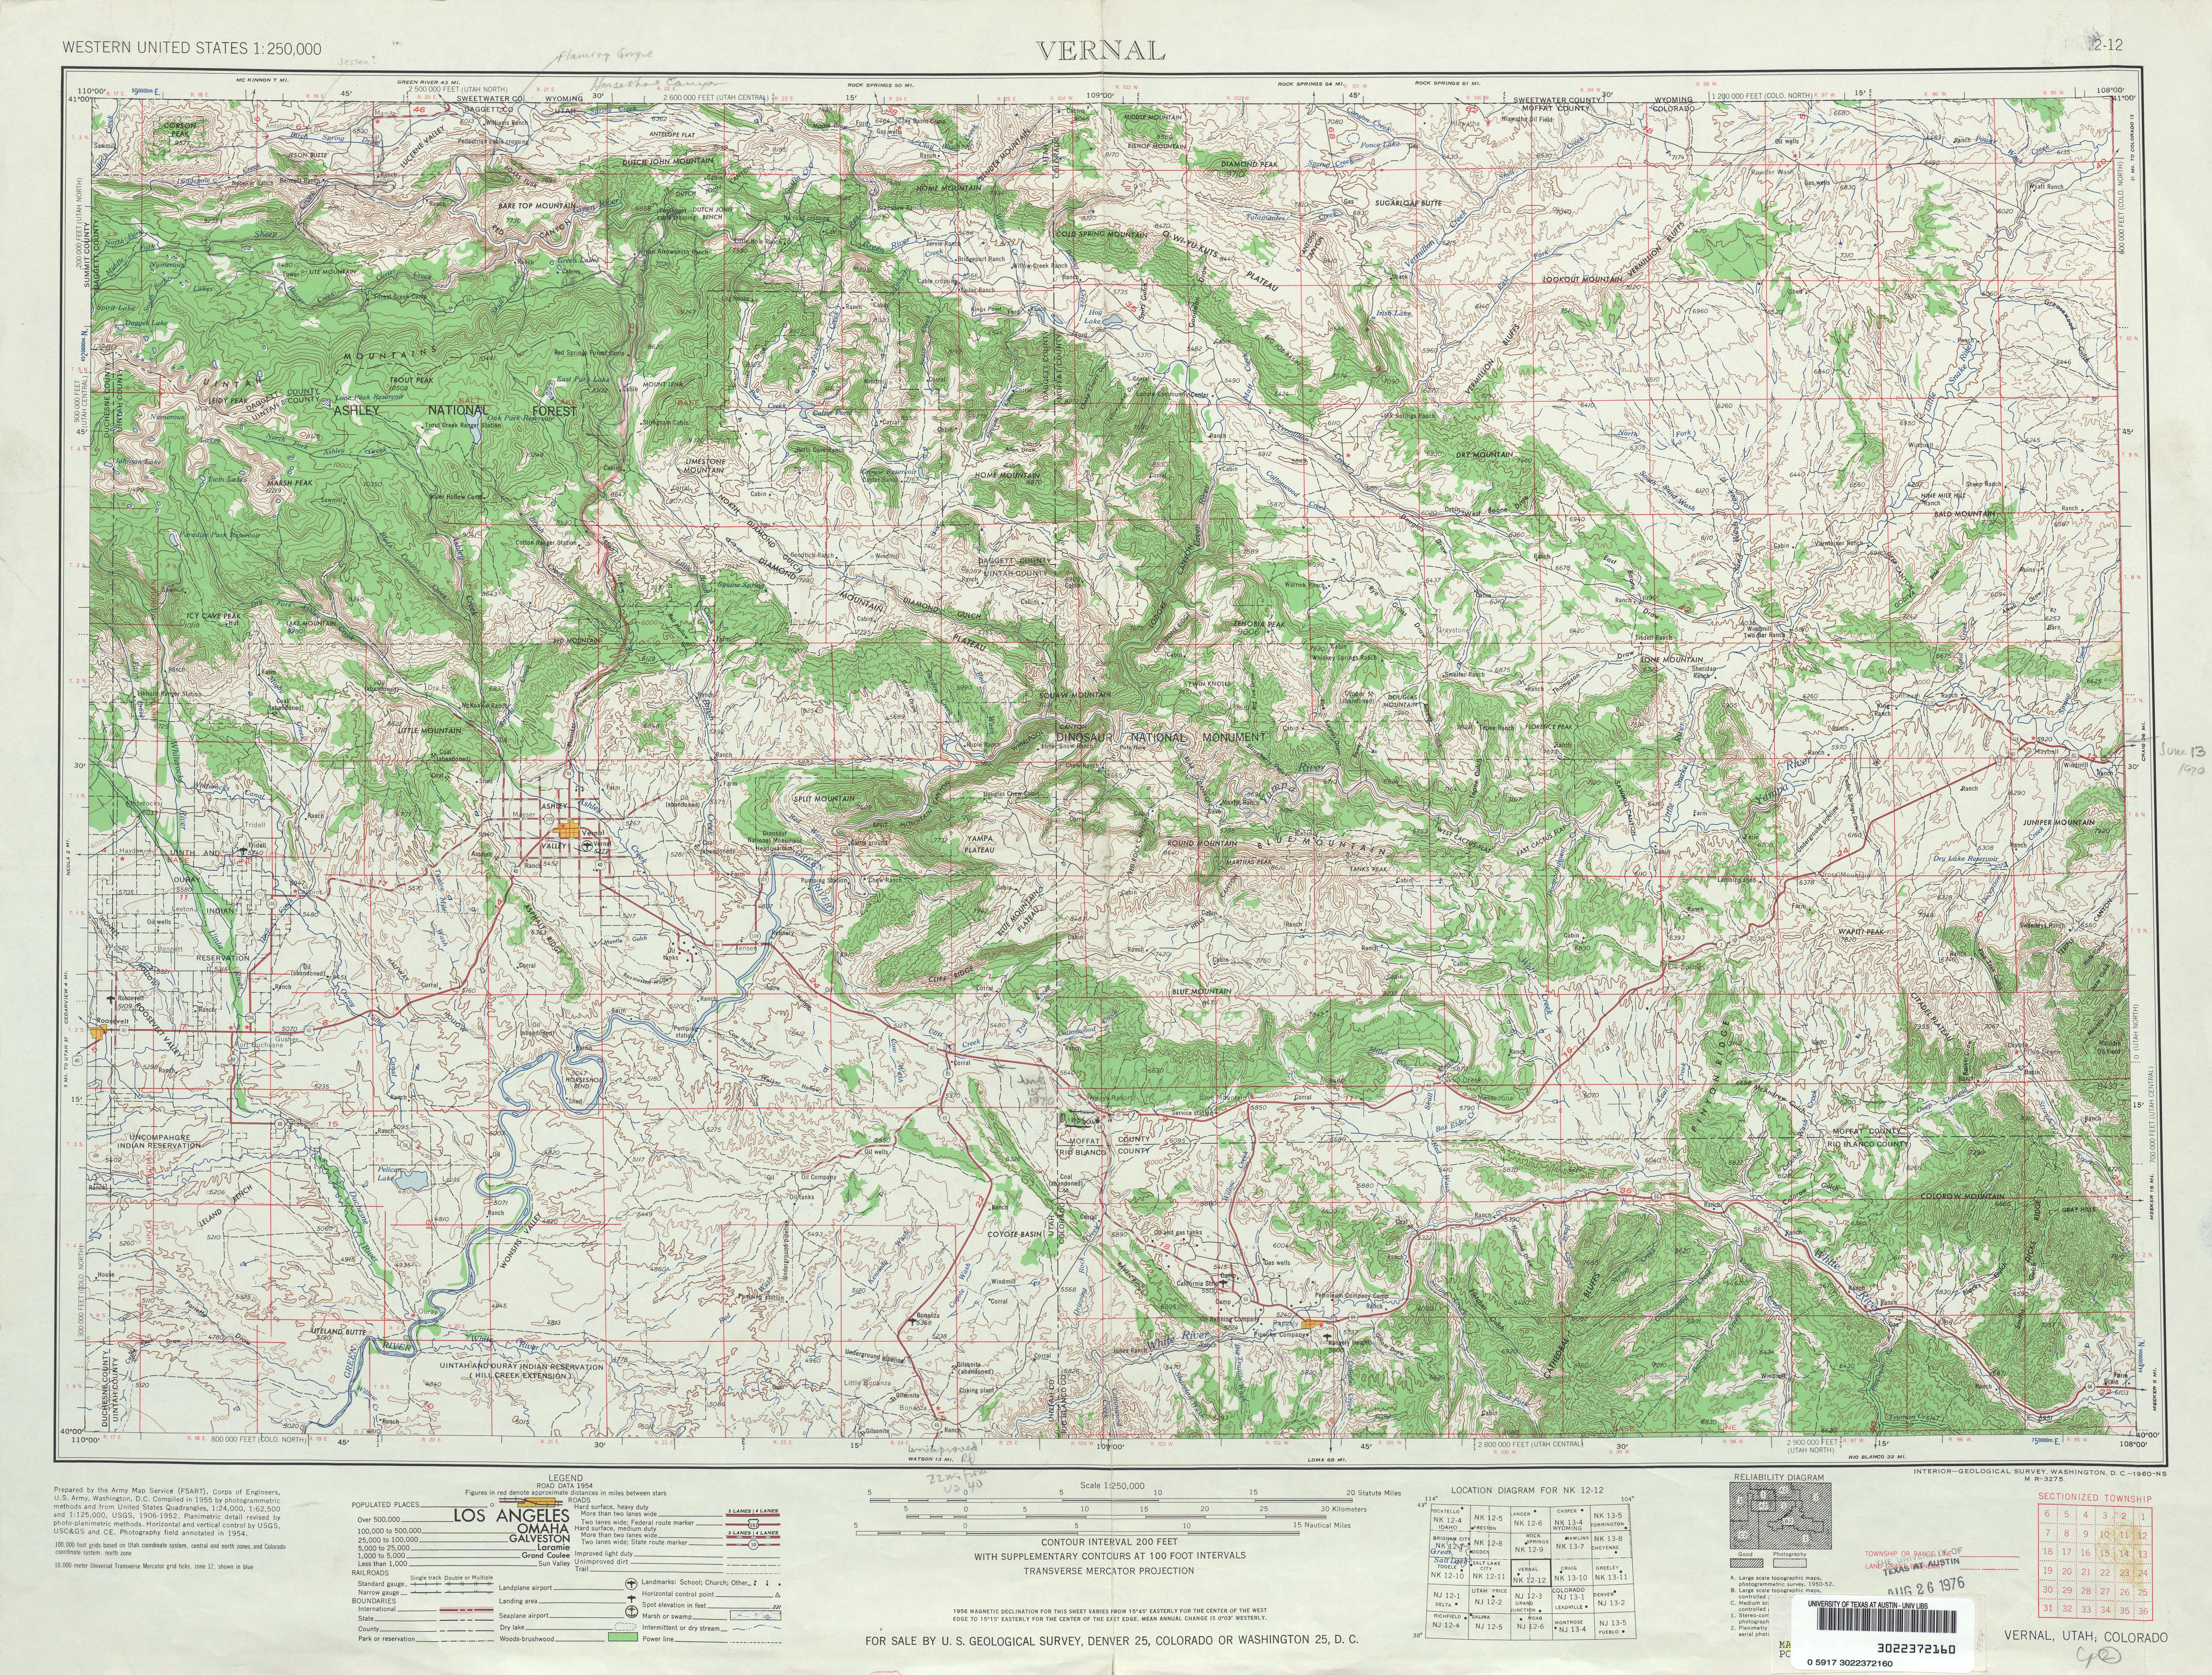 Hoja Vernal del Mapa Topográfico de los Estados Unidos 1954